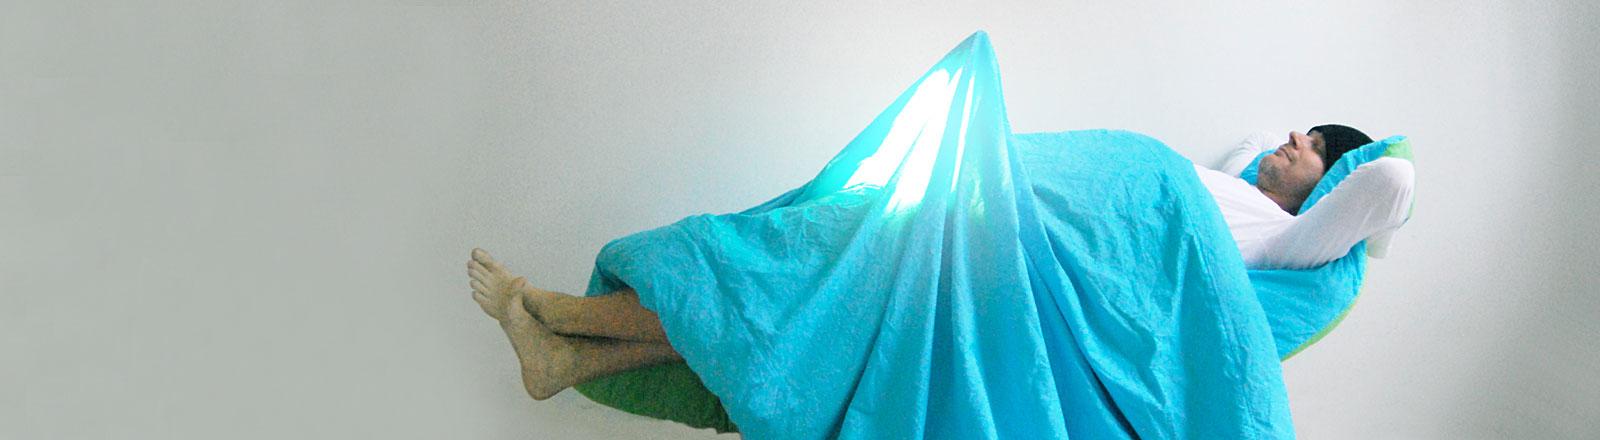 Ein Mann liegt uner einer Decke, auf Höhe seines Penis hat sich eine Beule gebildet